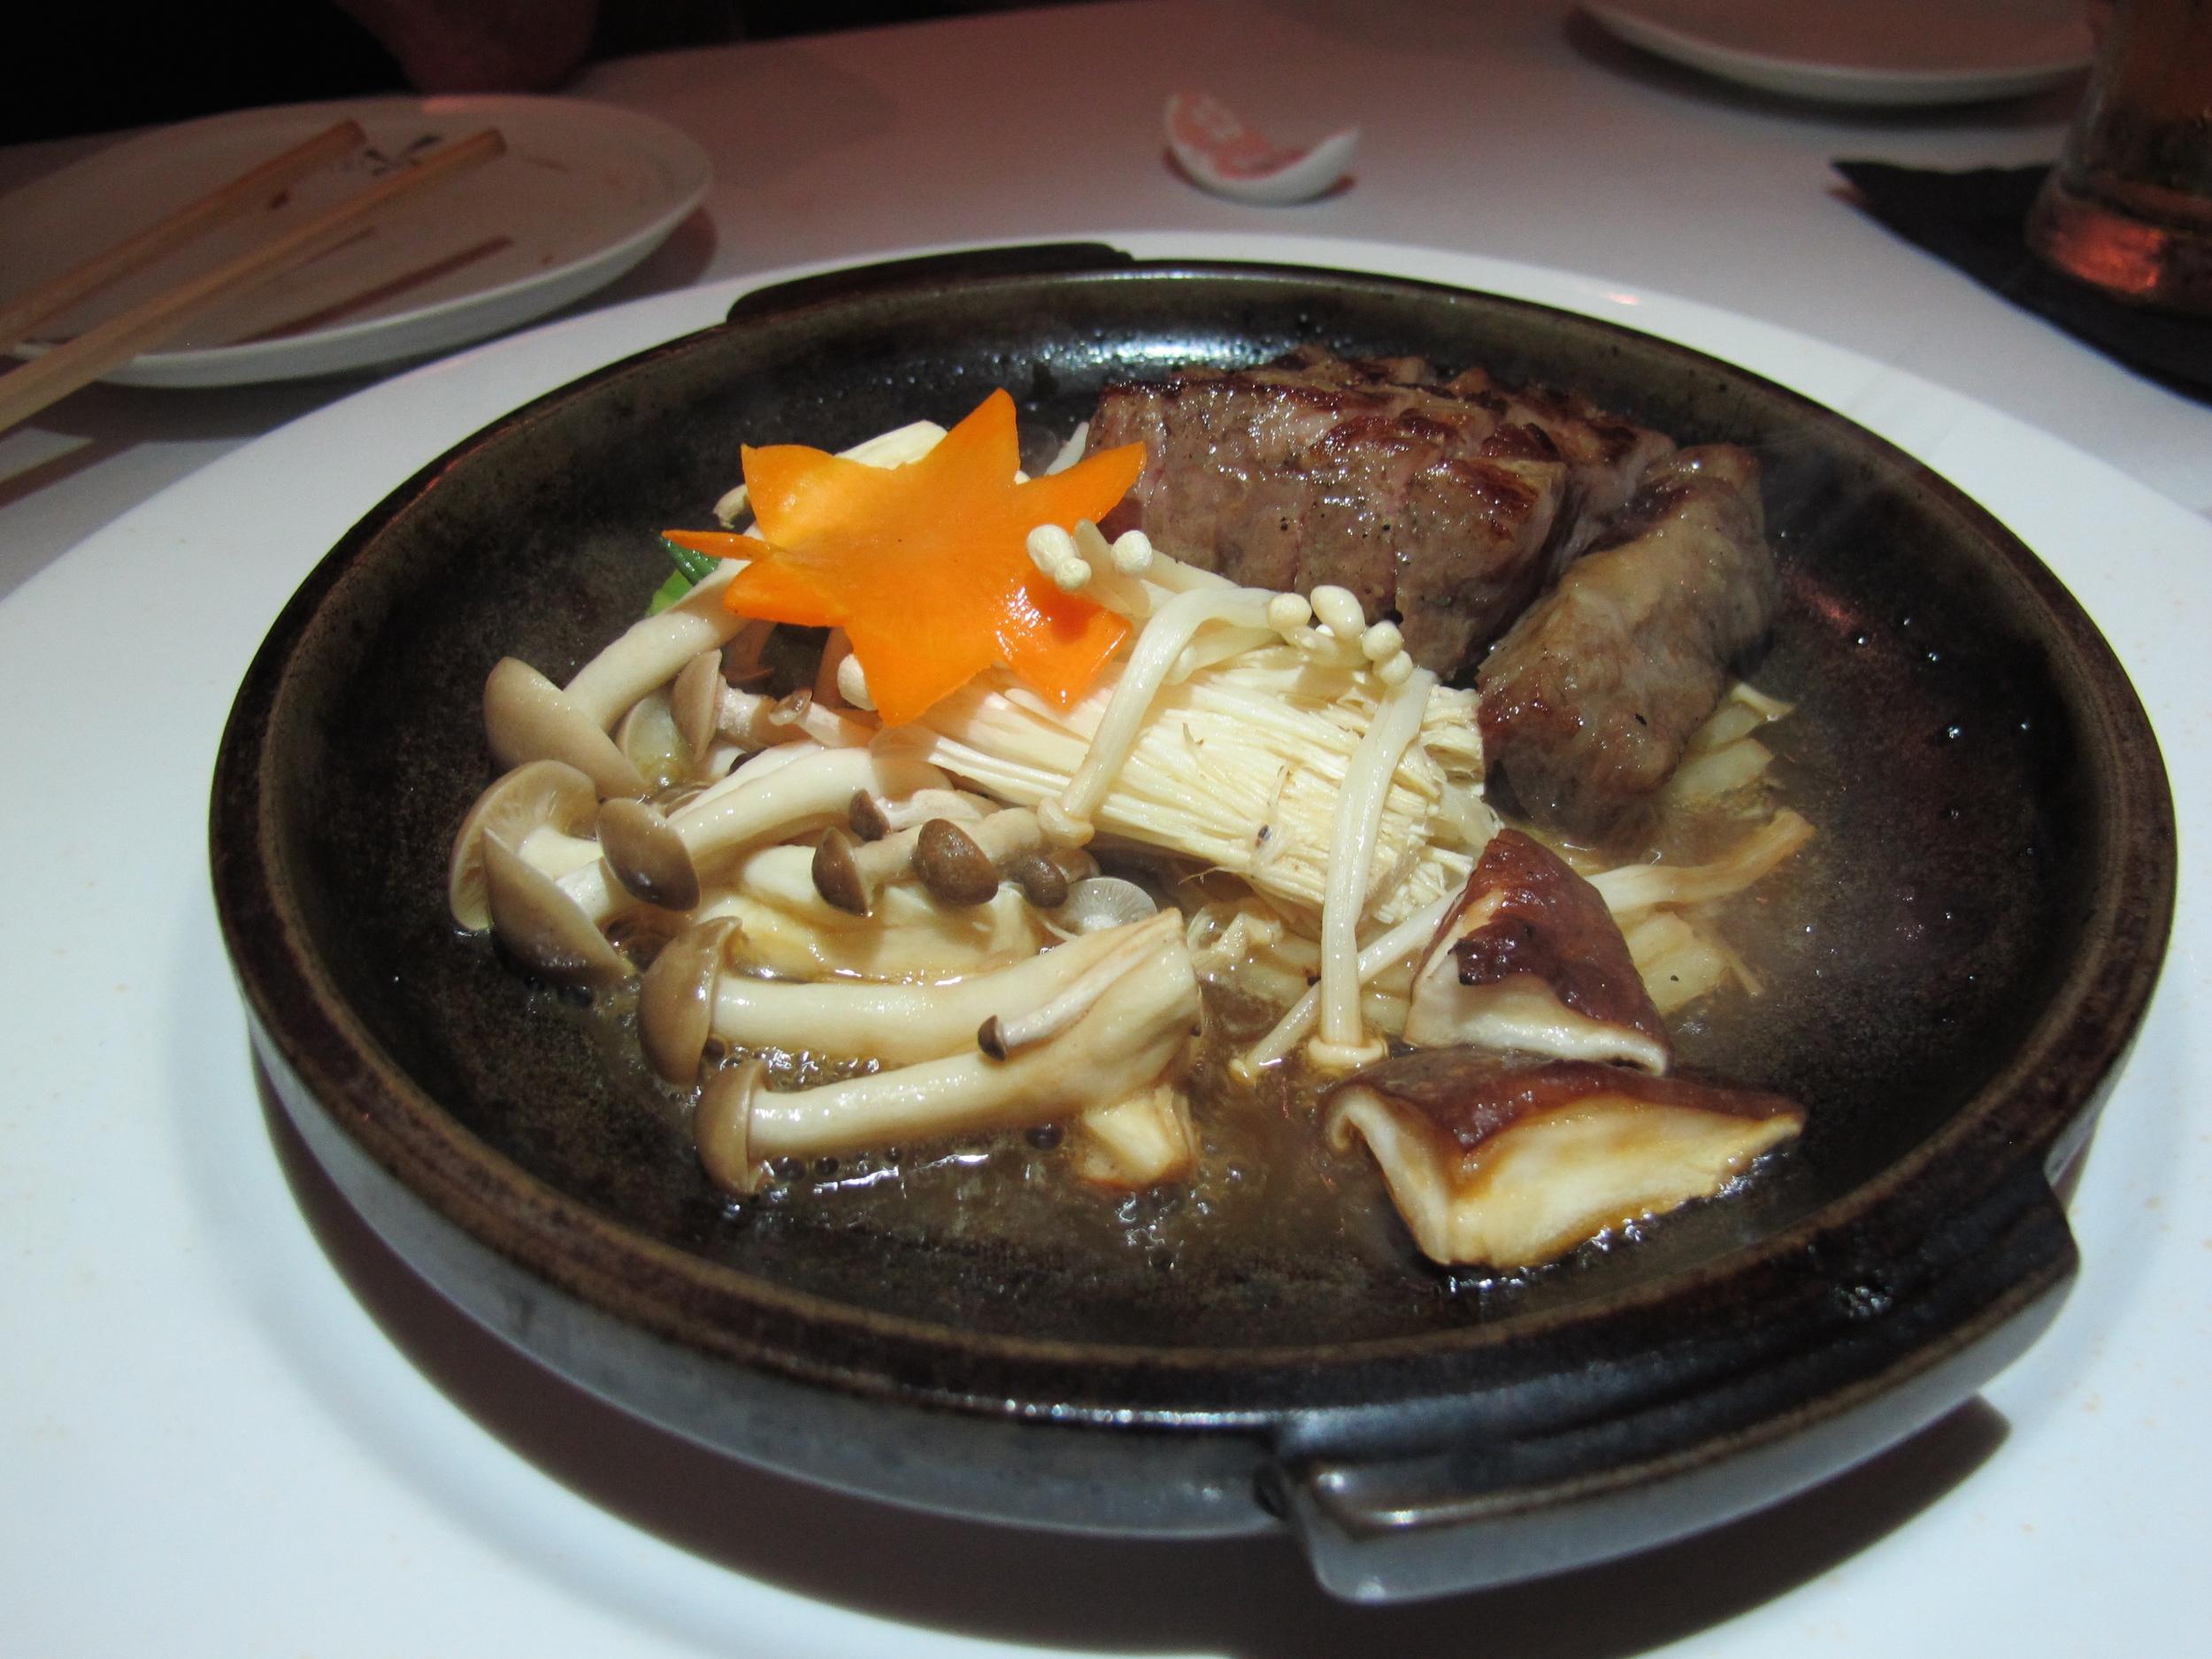 Shiki wagyu beef